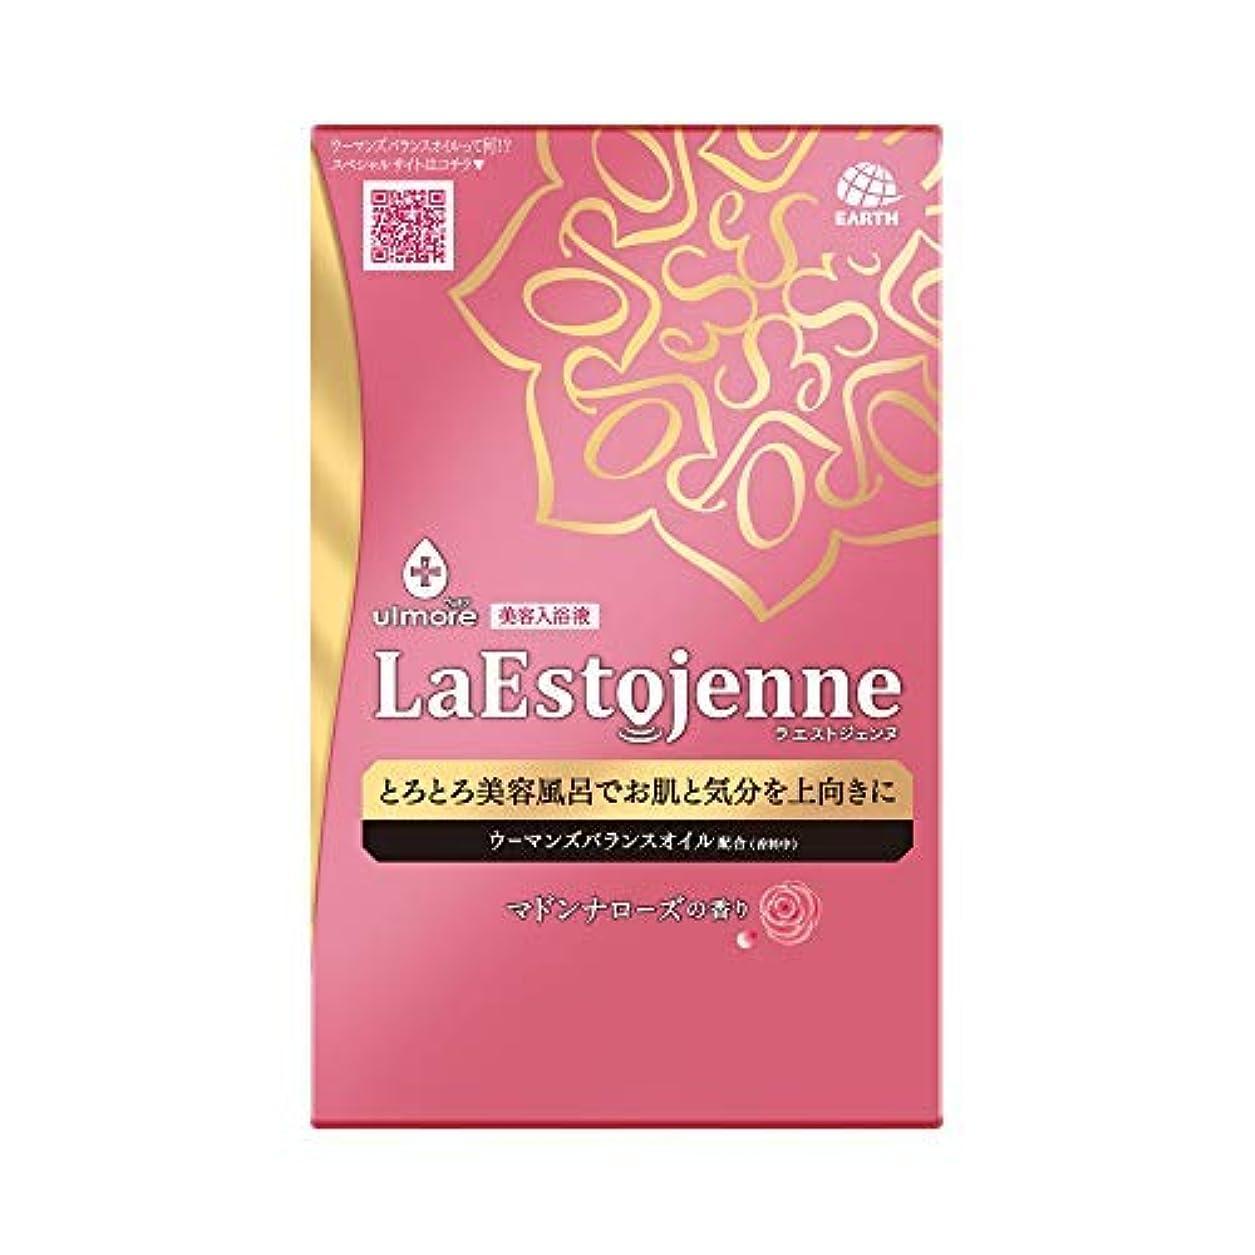 意識的永遠に直立ウルモア ラエストジェンヌ マドンナローズの香り 3包入り × 2個セット